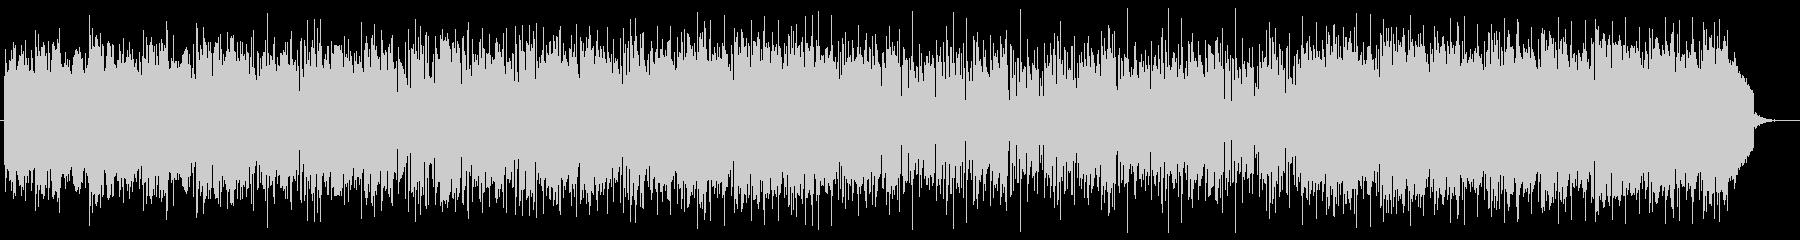 ストリングスによるバラードの未再生の波形